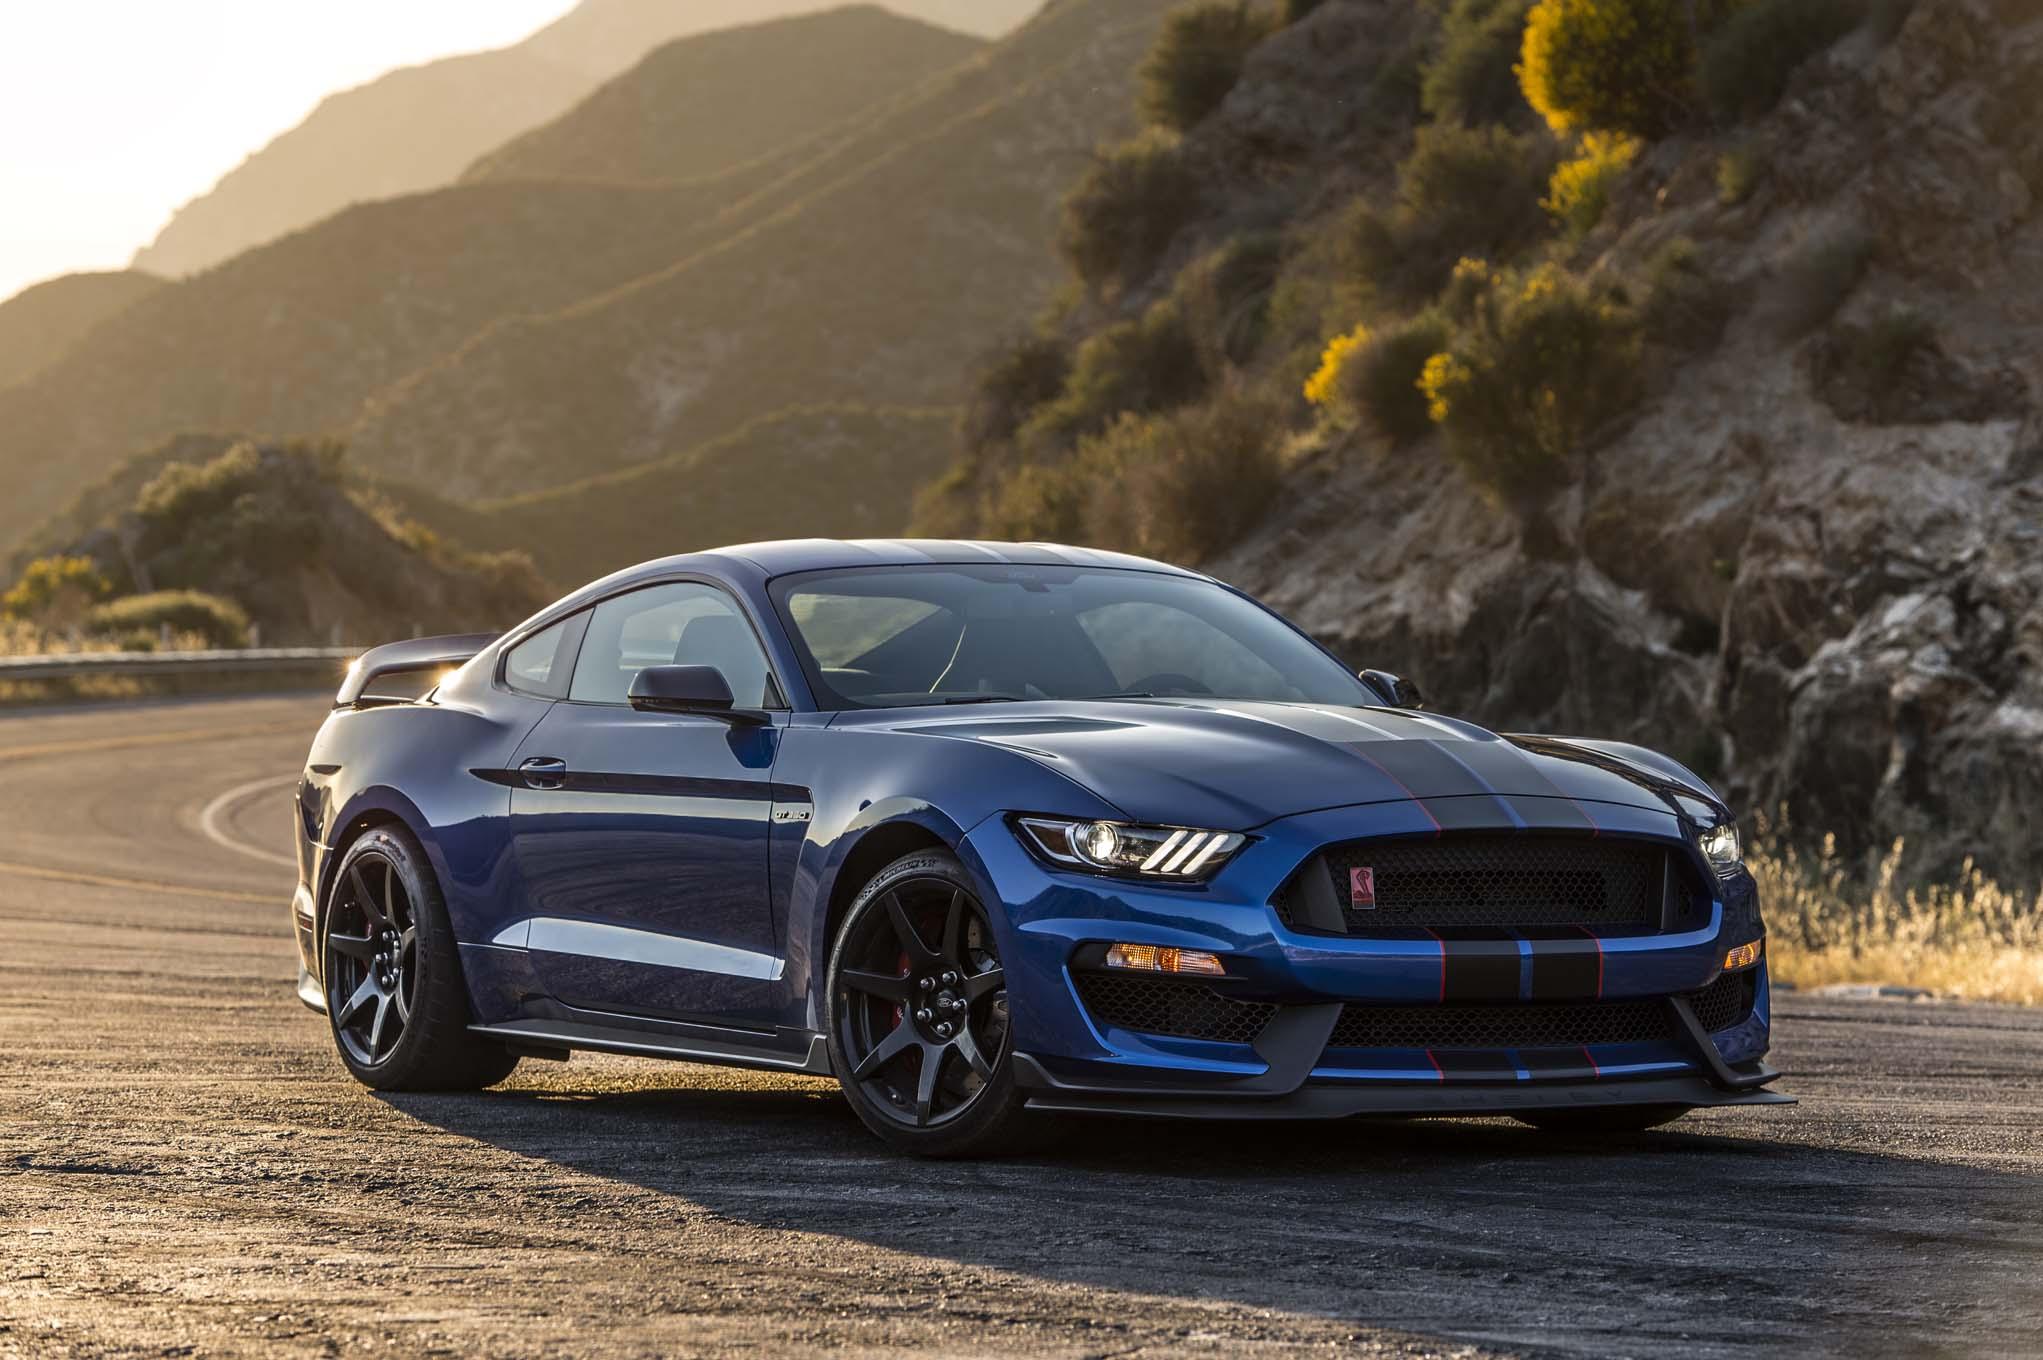 Ford vai descontinuar Mustang Shelby GT350 em 2021 | Automais